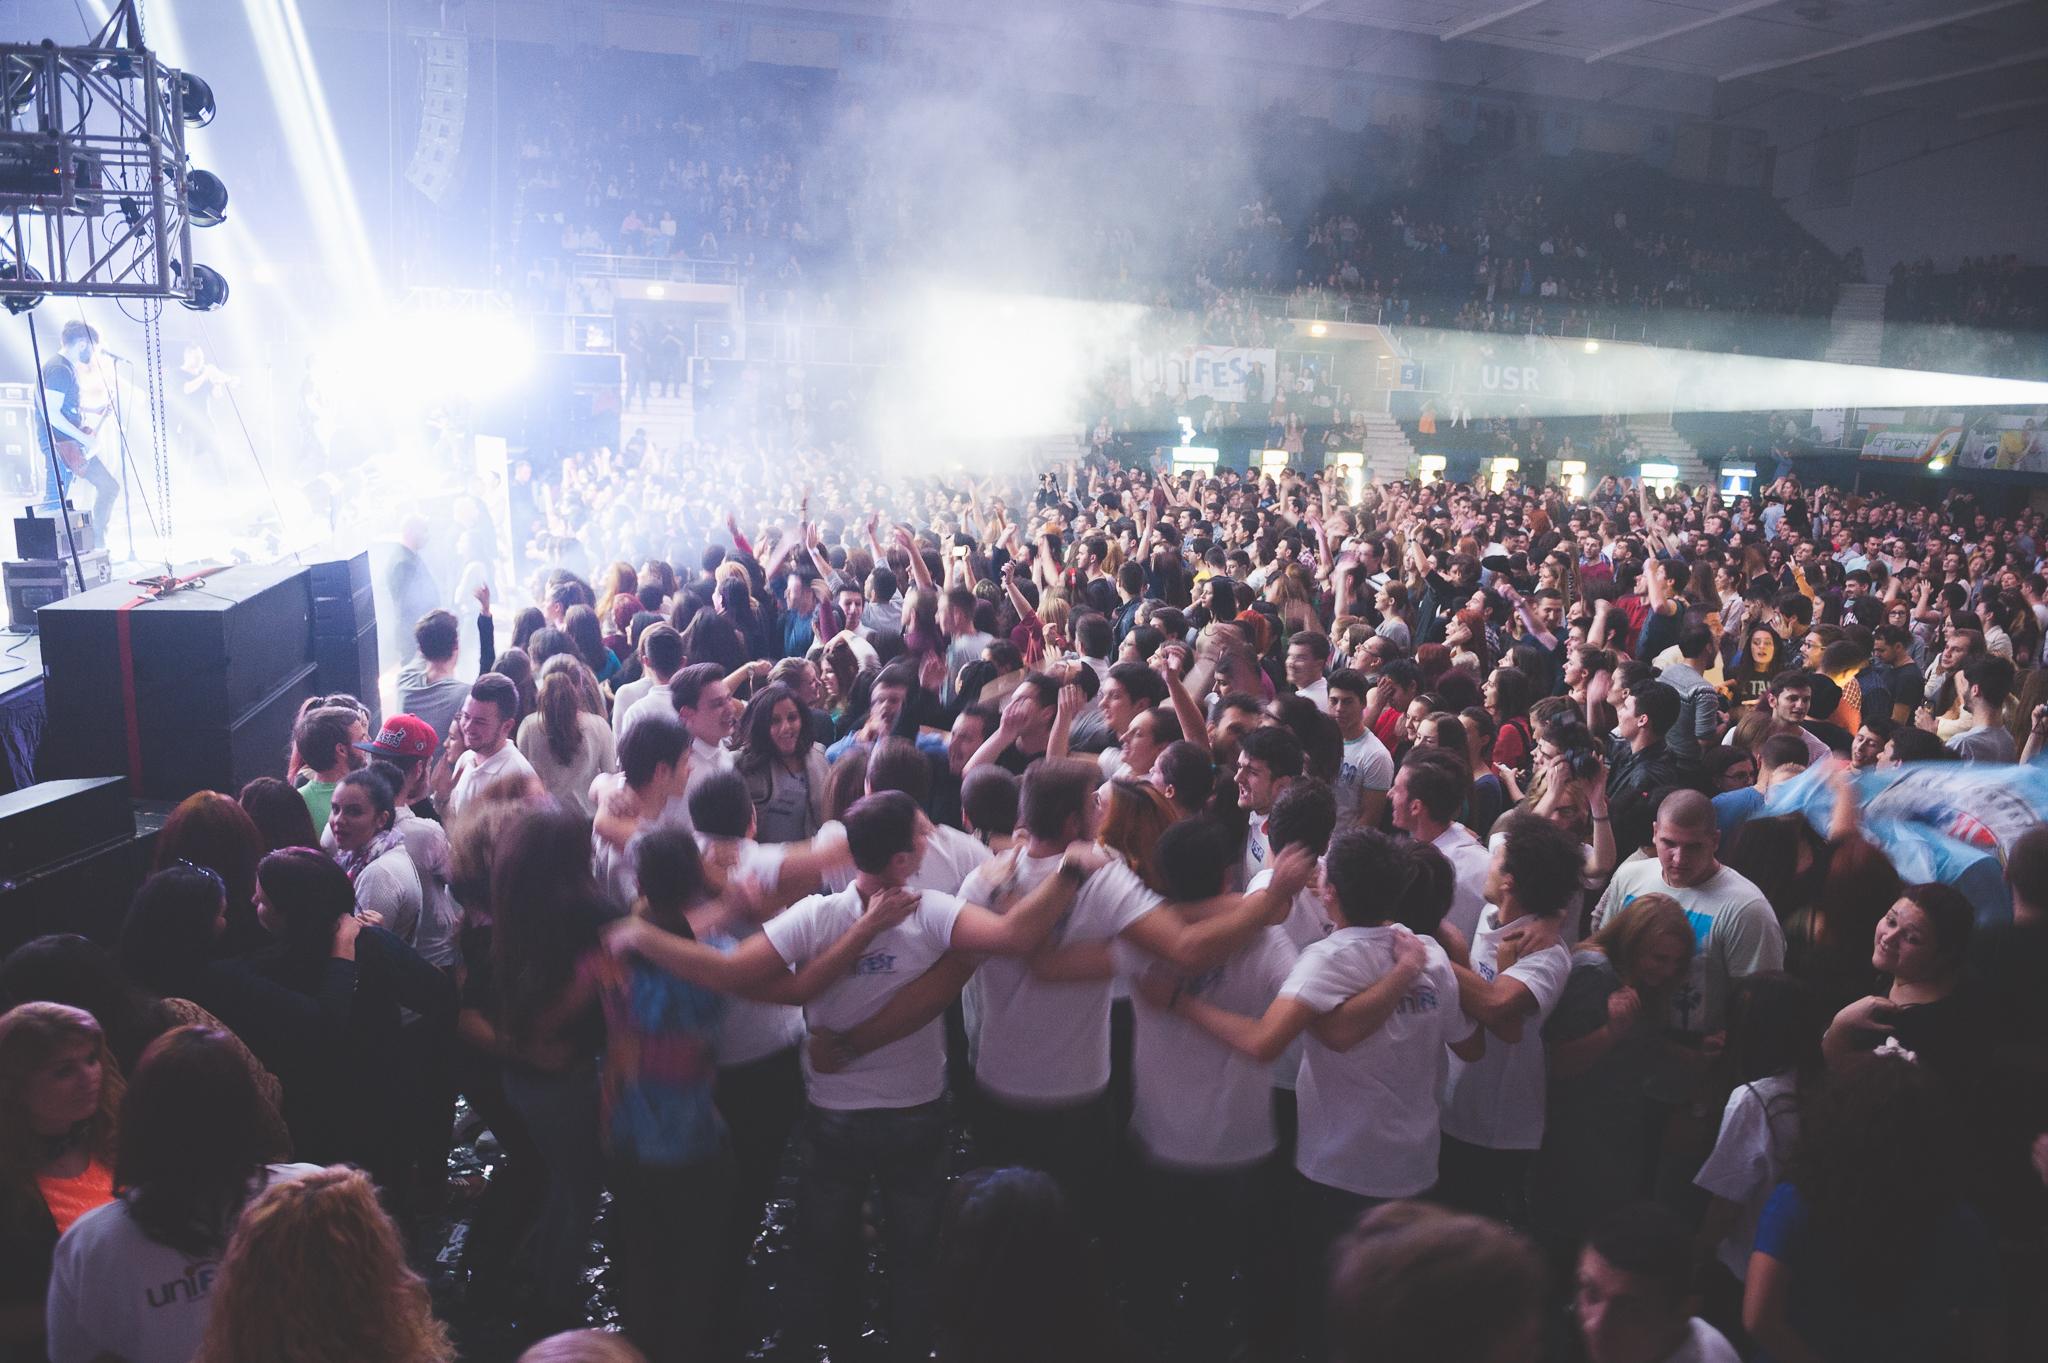 concert-vunk-unifest-low-res-80